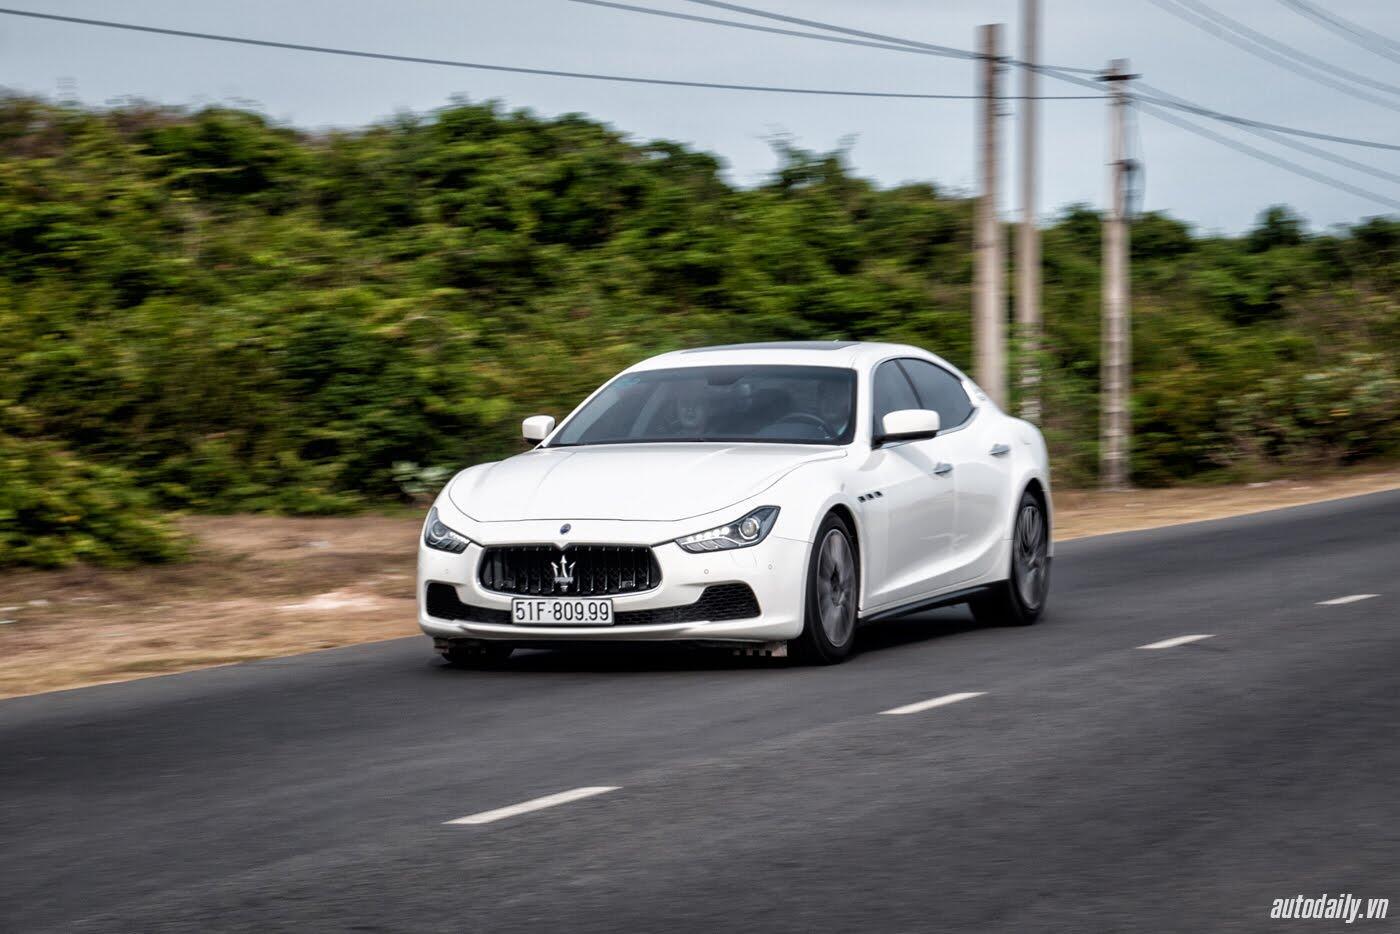 Lái thử Maserati Ghibli - Một trải nghiệm khác về tốc độ - Hình 6